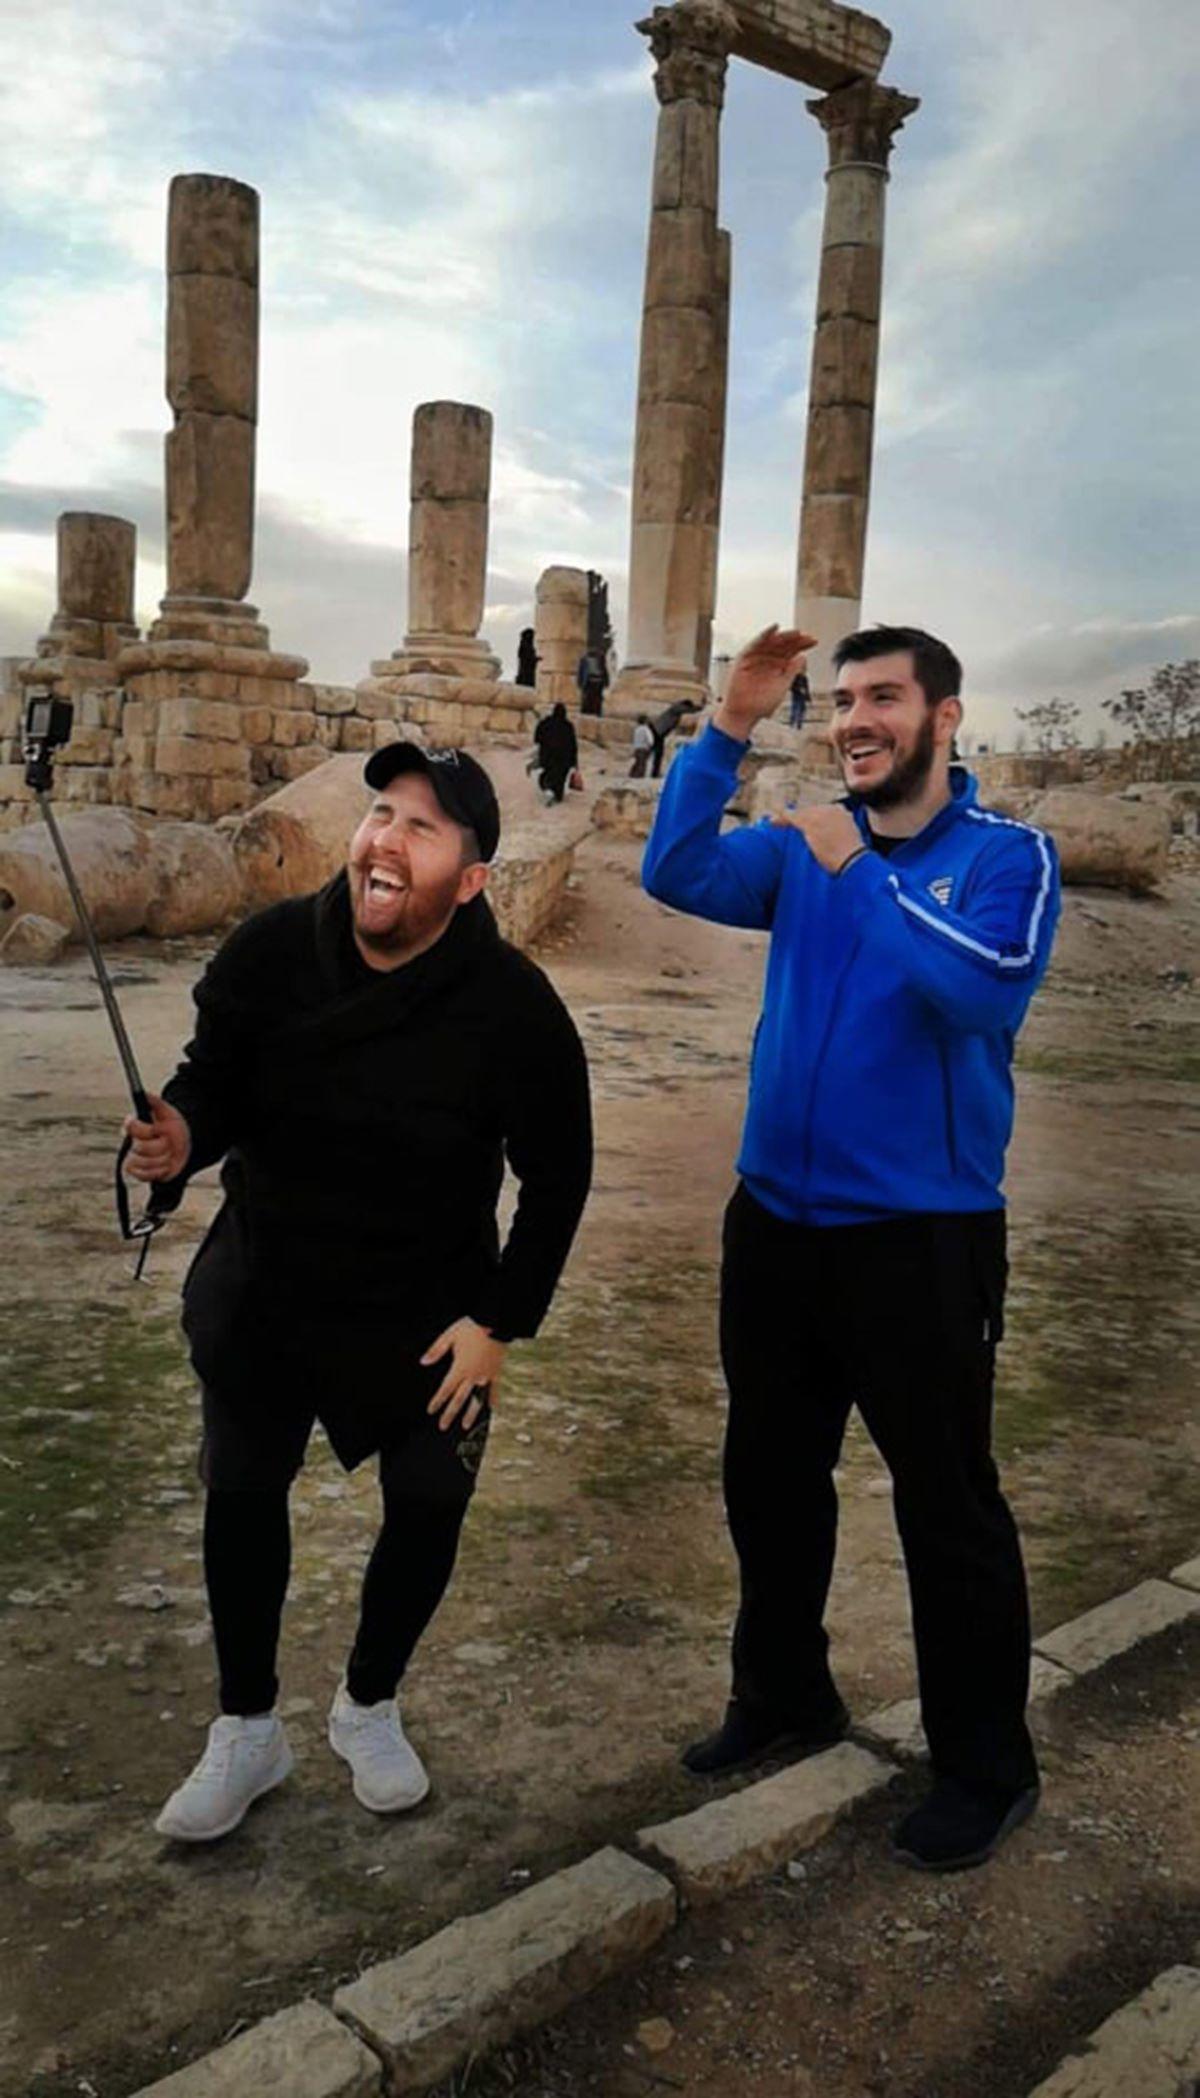 «On Tour» στον κόσμο από δύο Λαρισαίους - Ταξιδεύουν συνεχώς και μοιράζονται τις εμπειρίες τους στο youtube (φωτο)